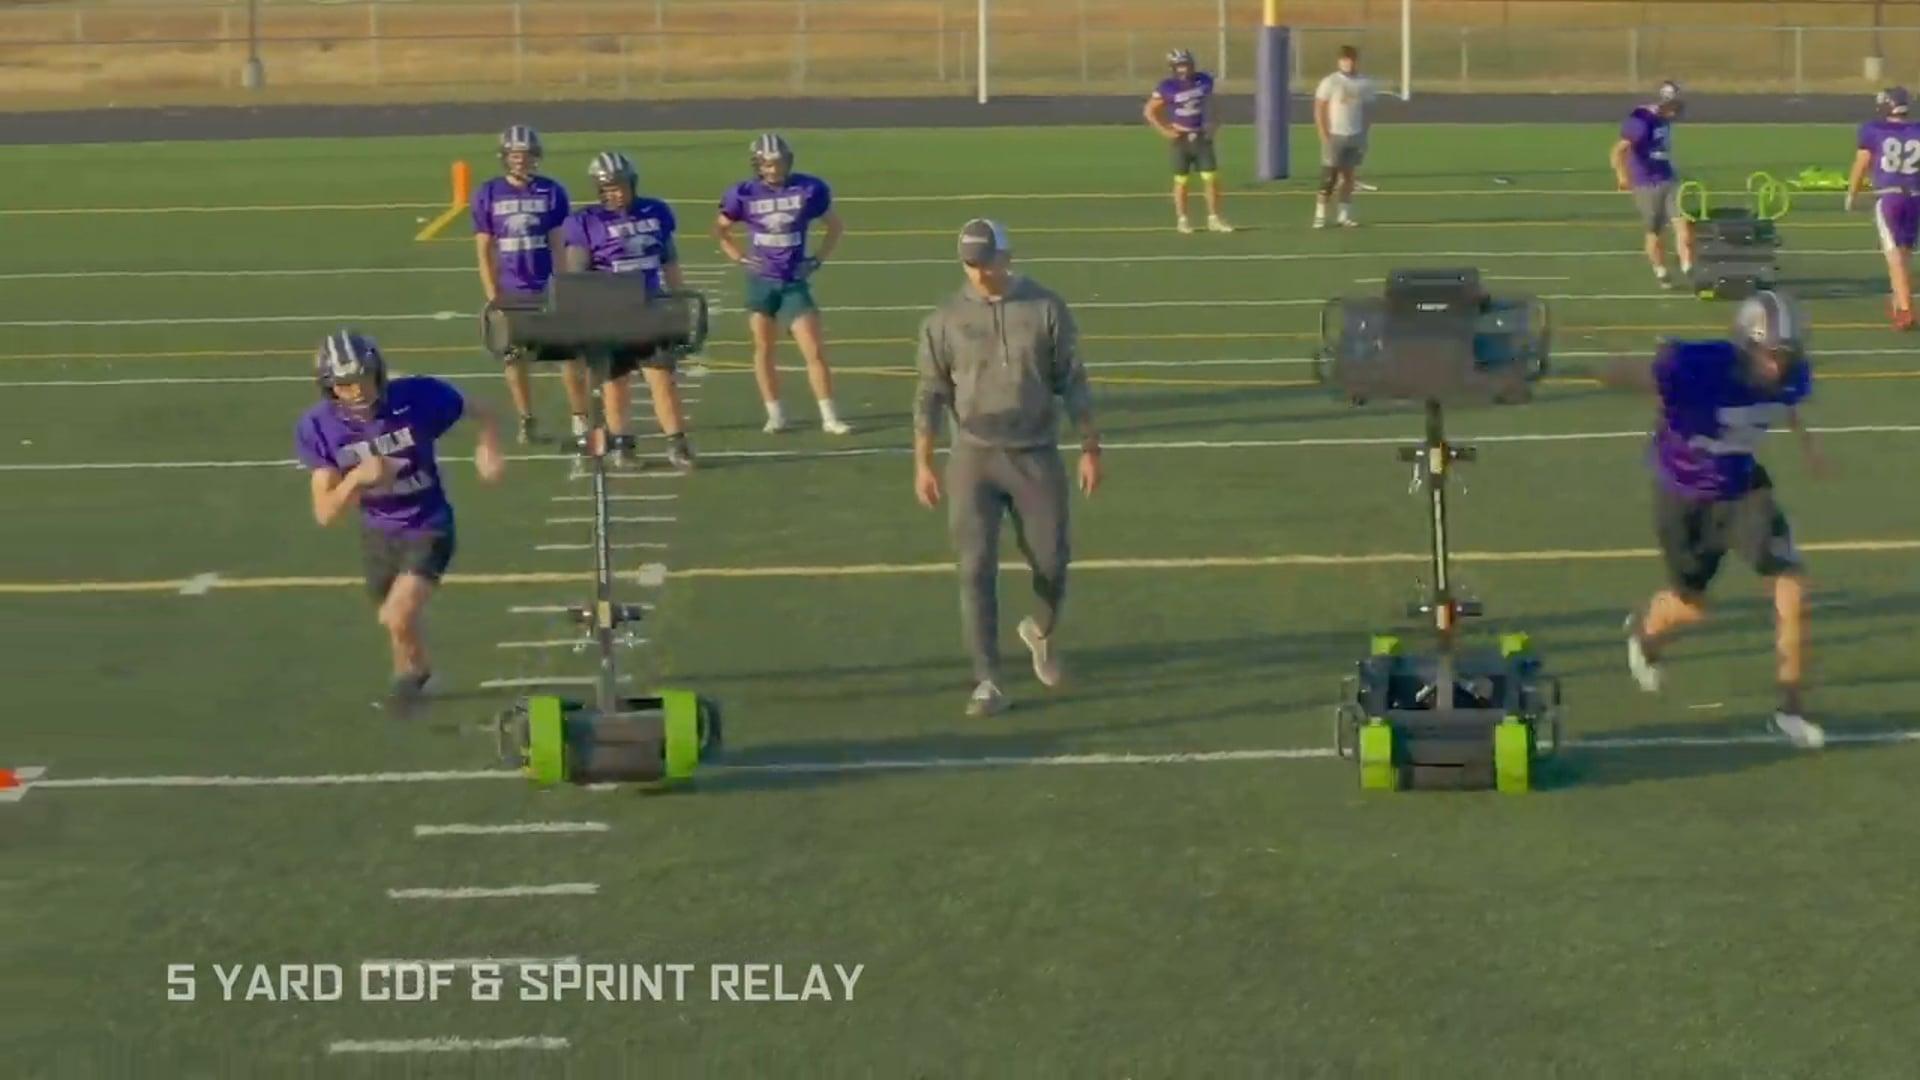 5 Yard CDF & Sprint Relay